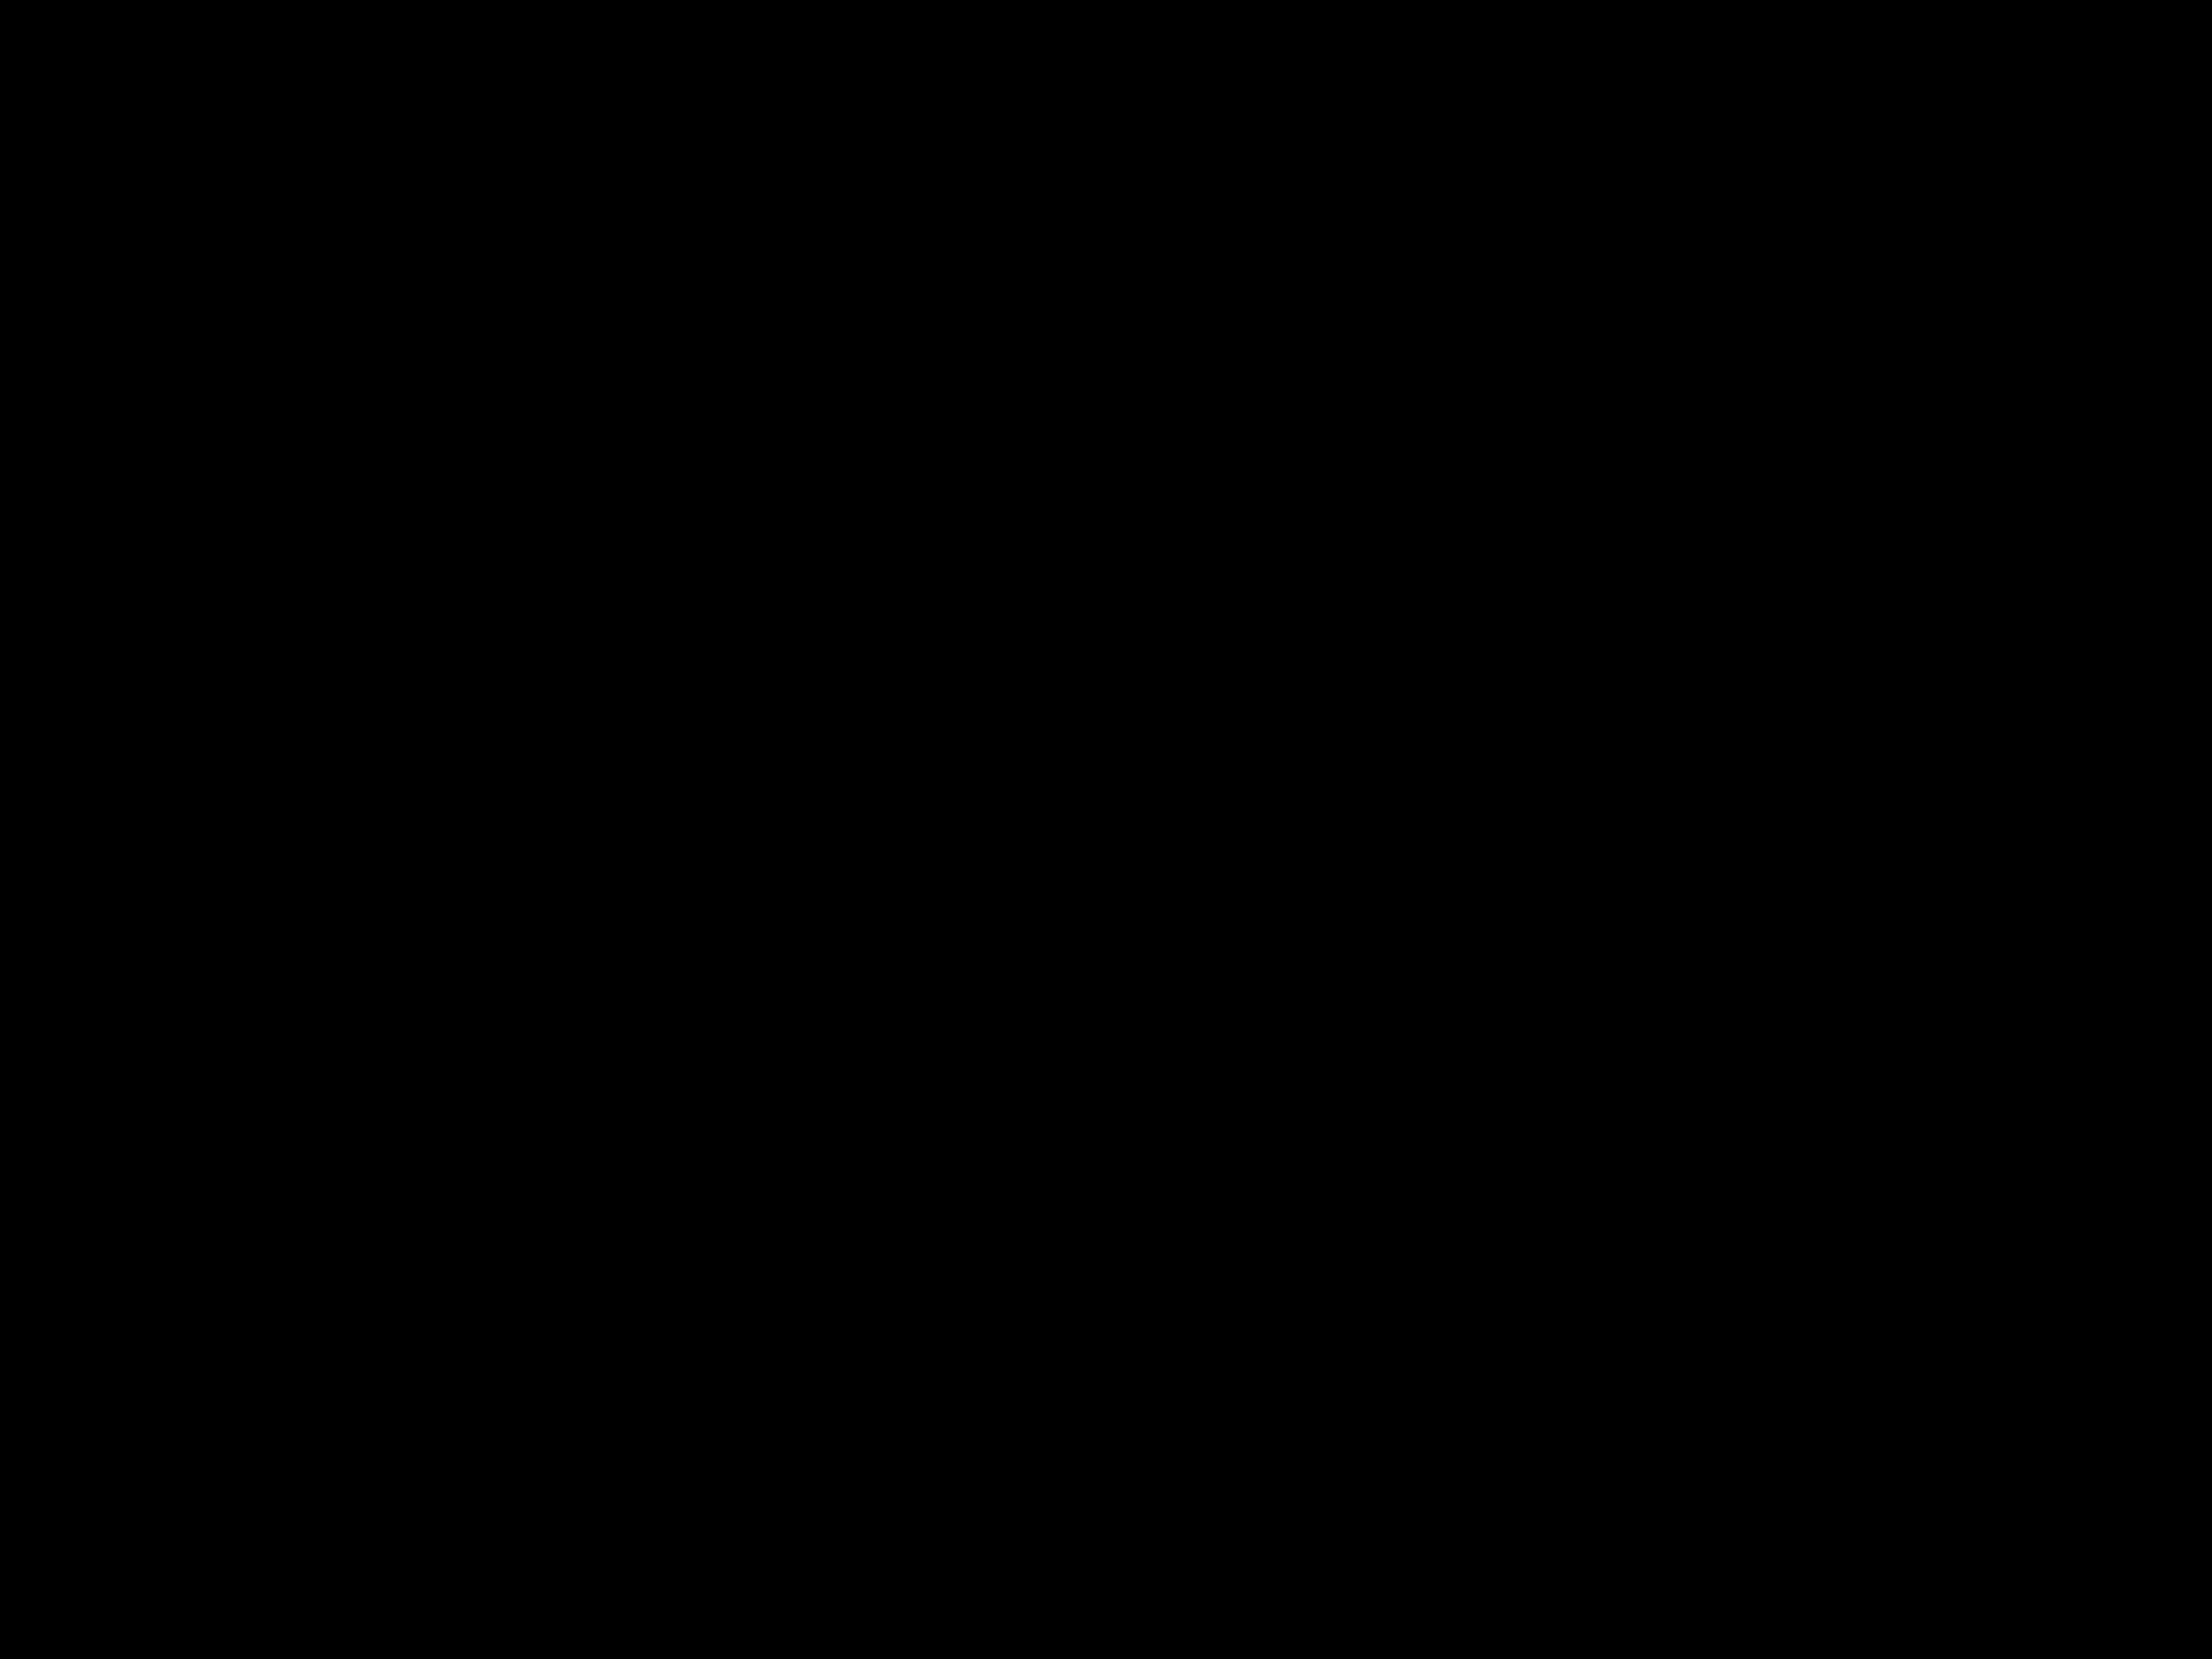 fiable en ligne Nike Ciel Lunarelite Bottes Salut Baskets Trainersvault réduction fiable achats en ligne autorisation de sortie Best-seller 18TjLKot